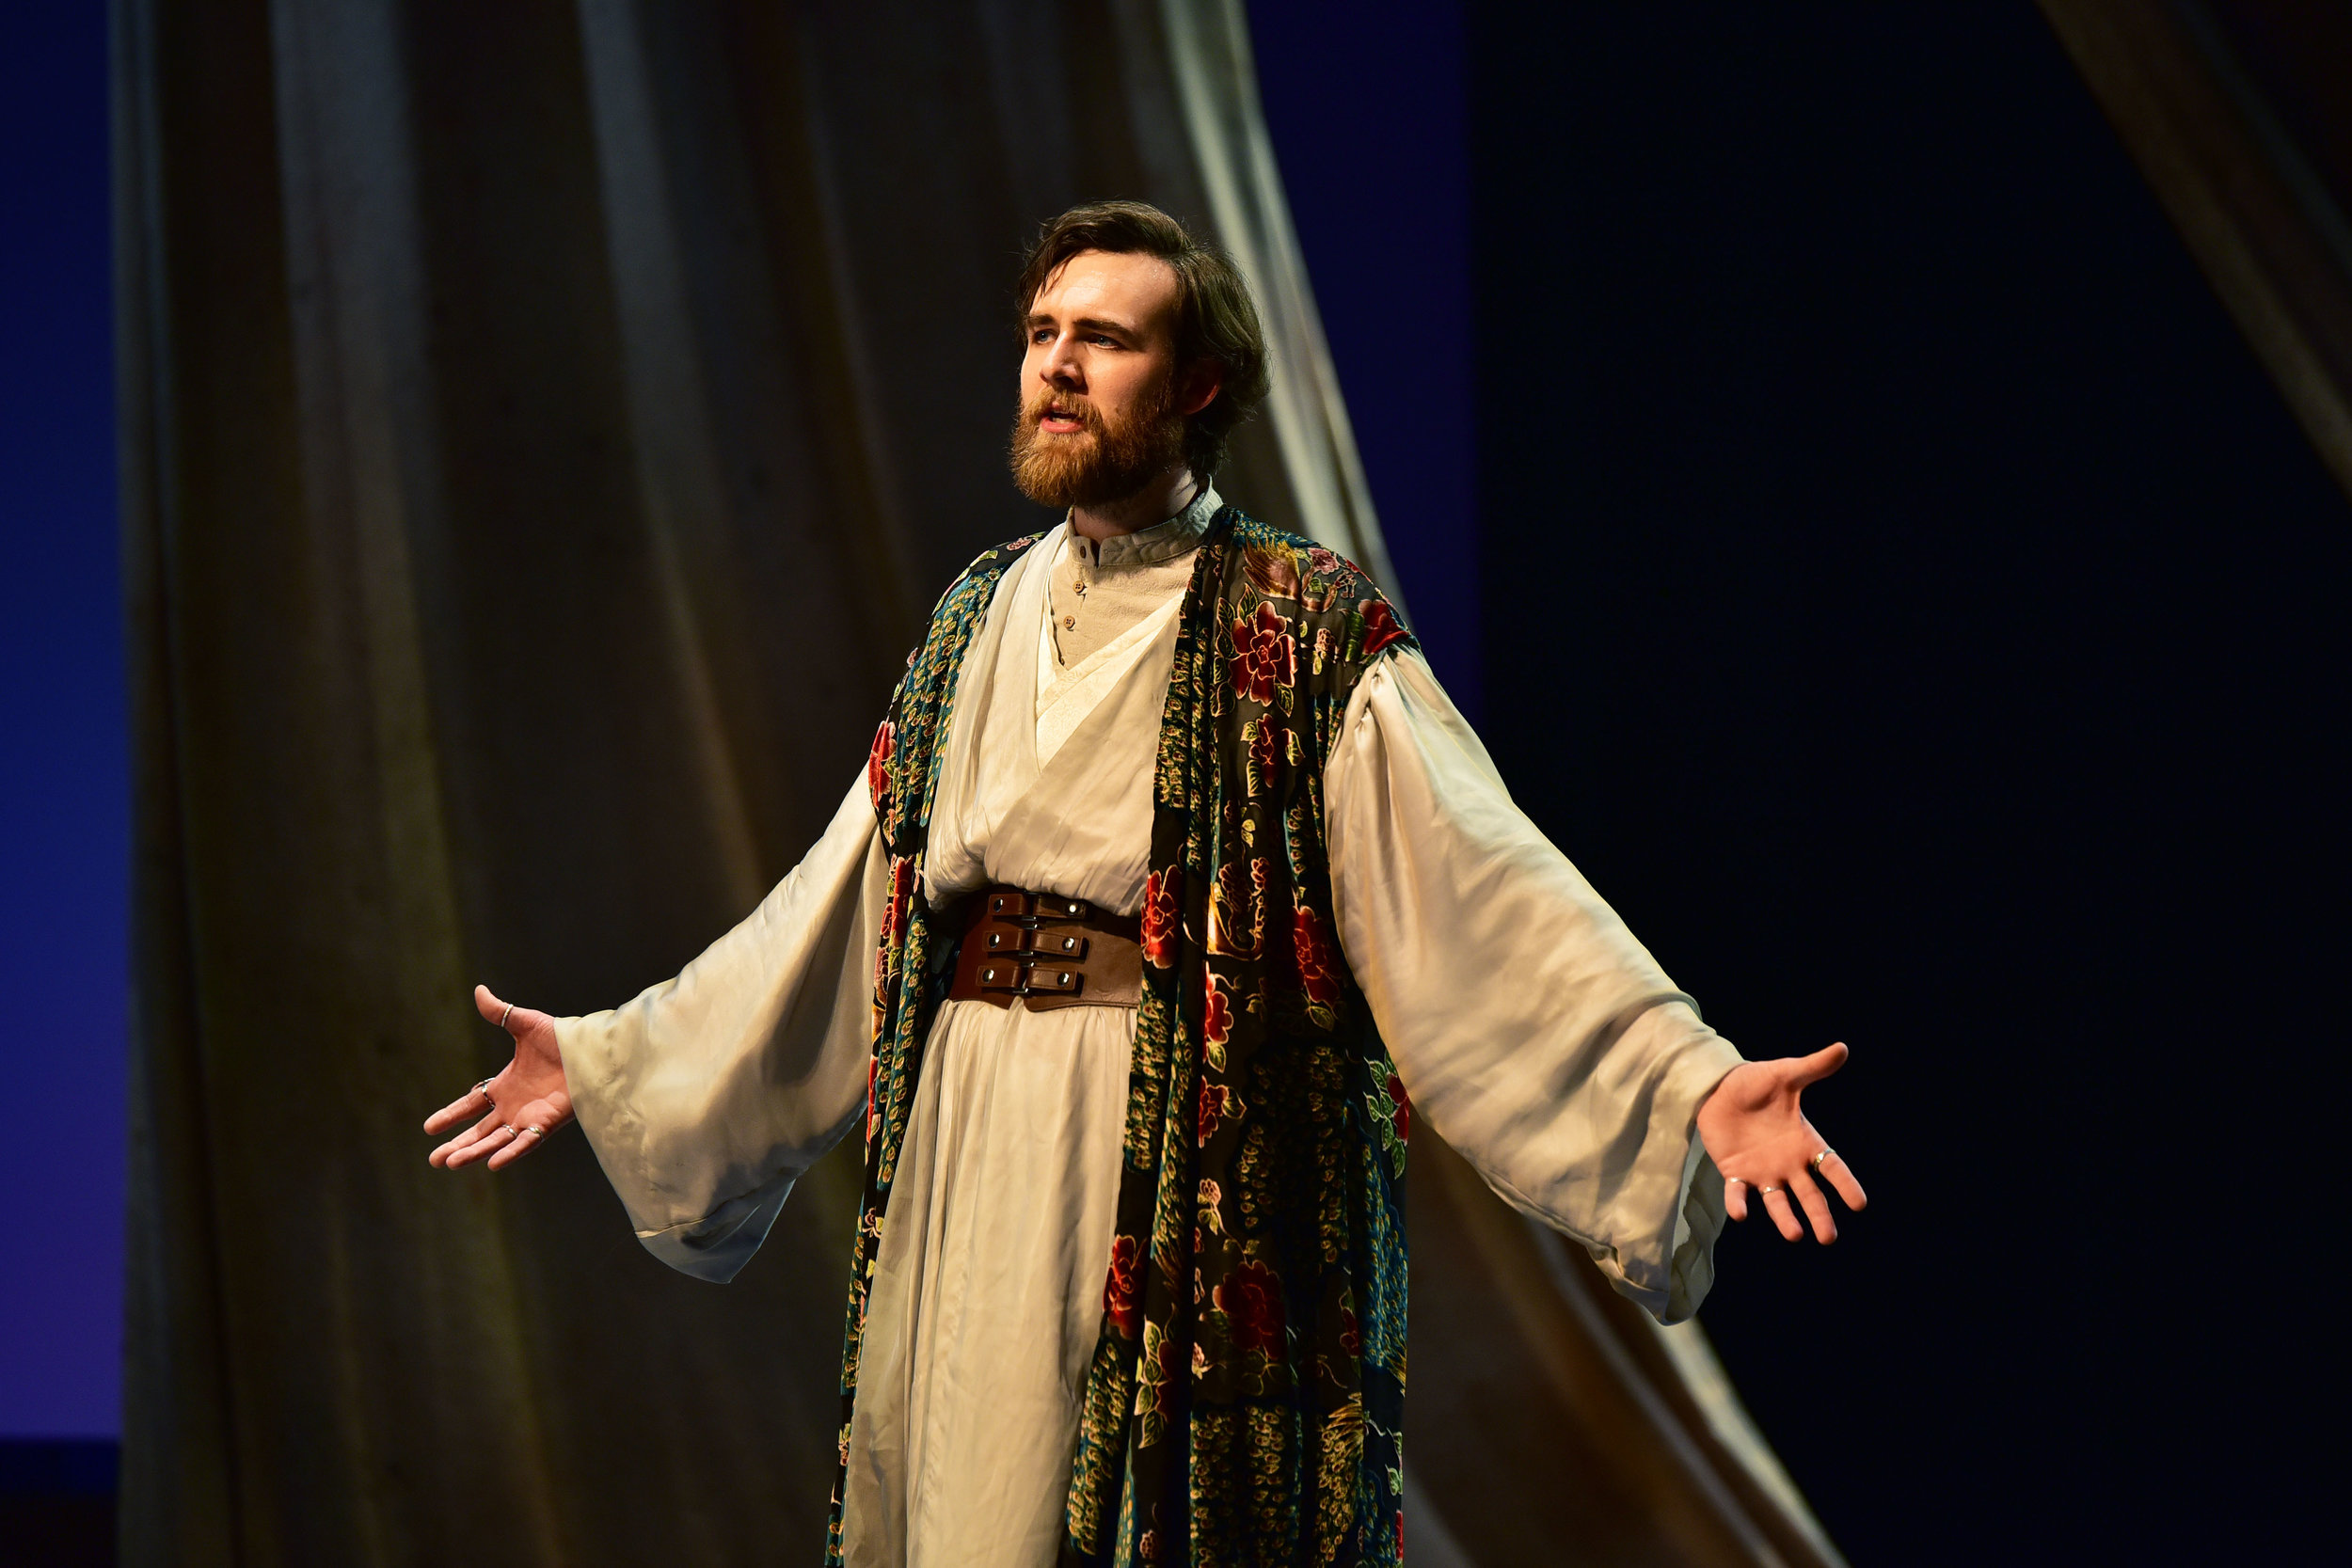 Matthew Murry as Prospero. Photo by: Courtney Foxworthy